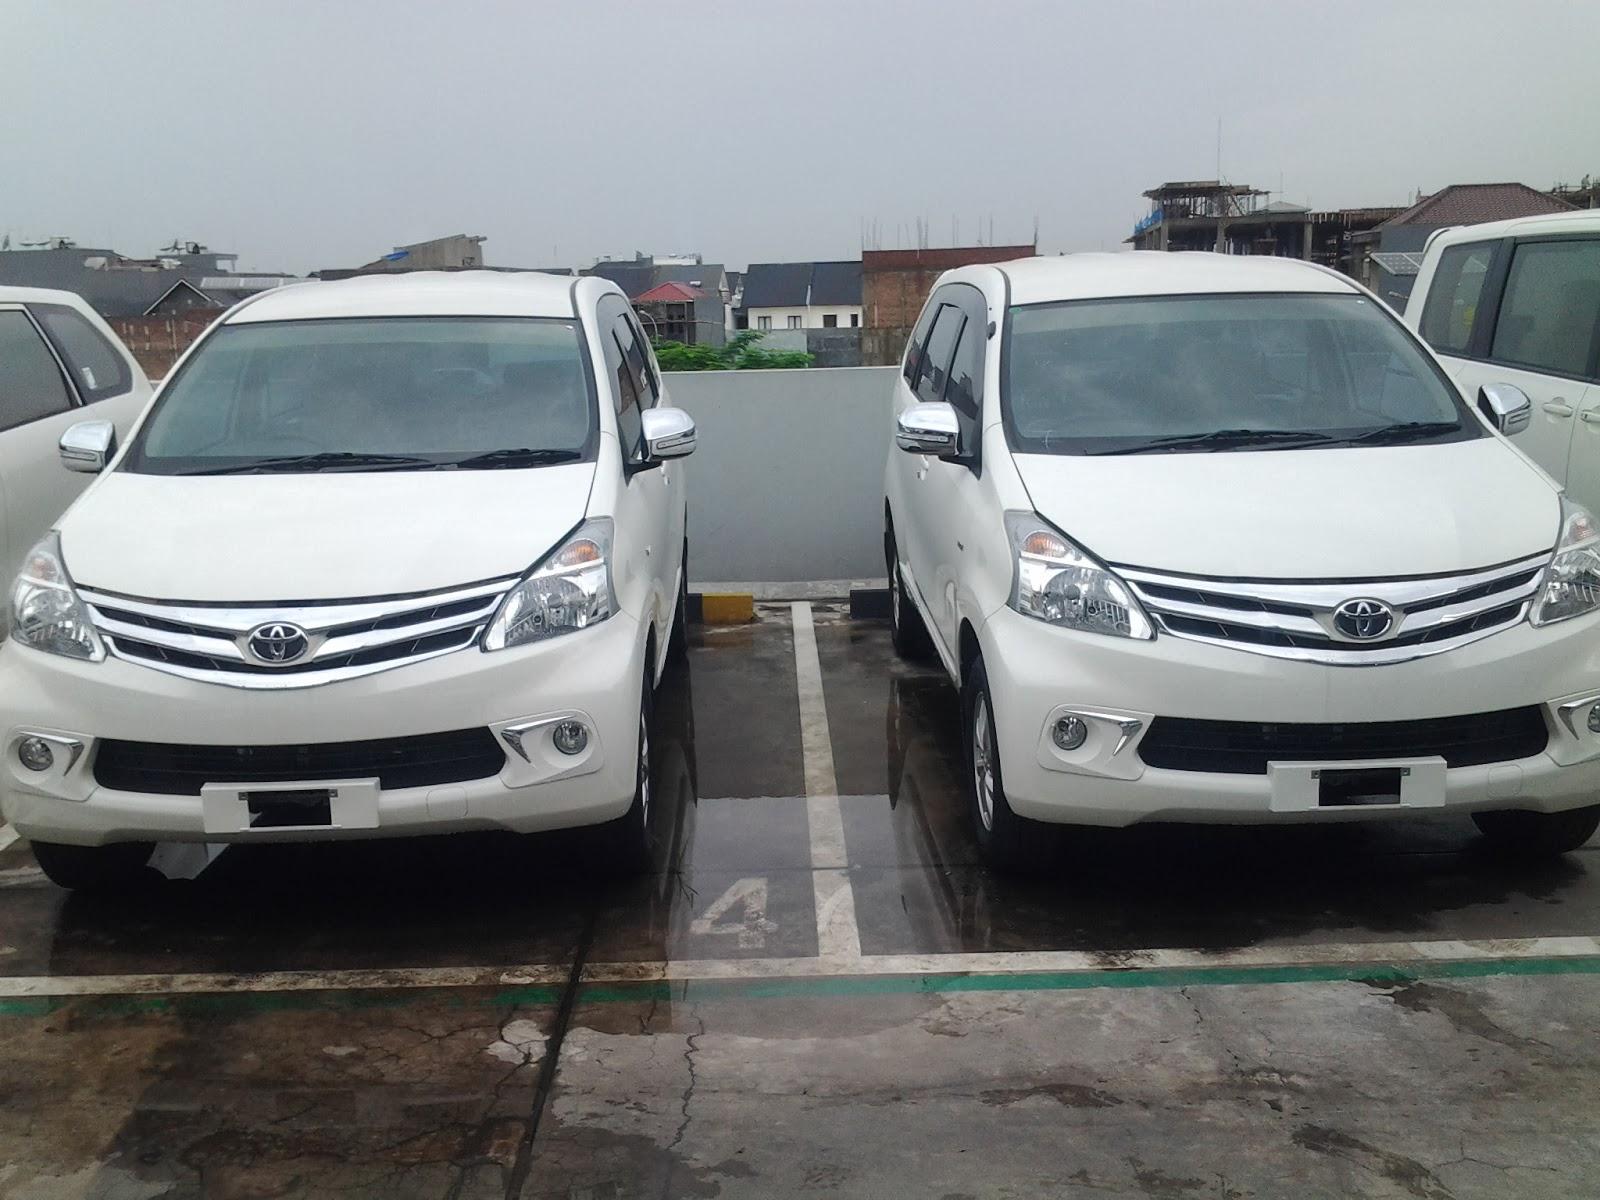 Grand New Avanza E Matic Veloz Modifikasi Promo Paket Kredit Toyota Terbaru Dp Murah 31 Jutan